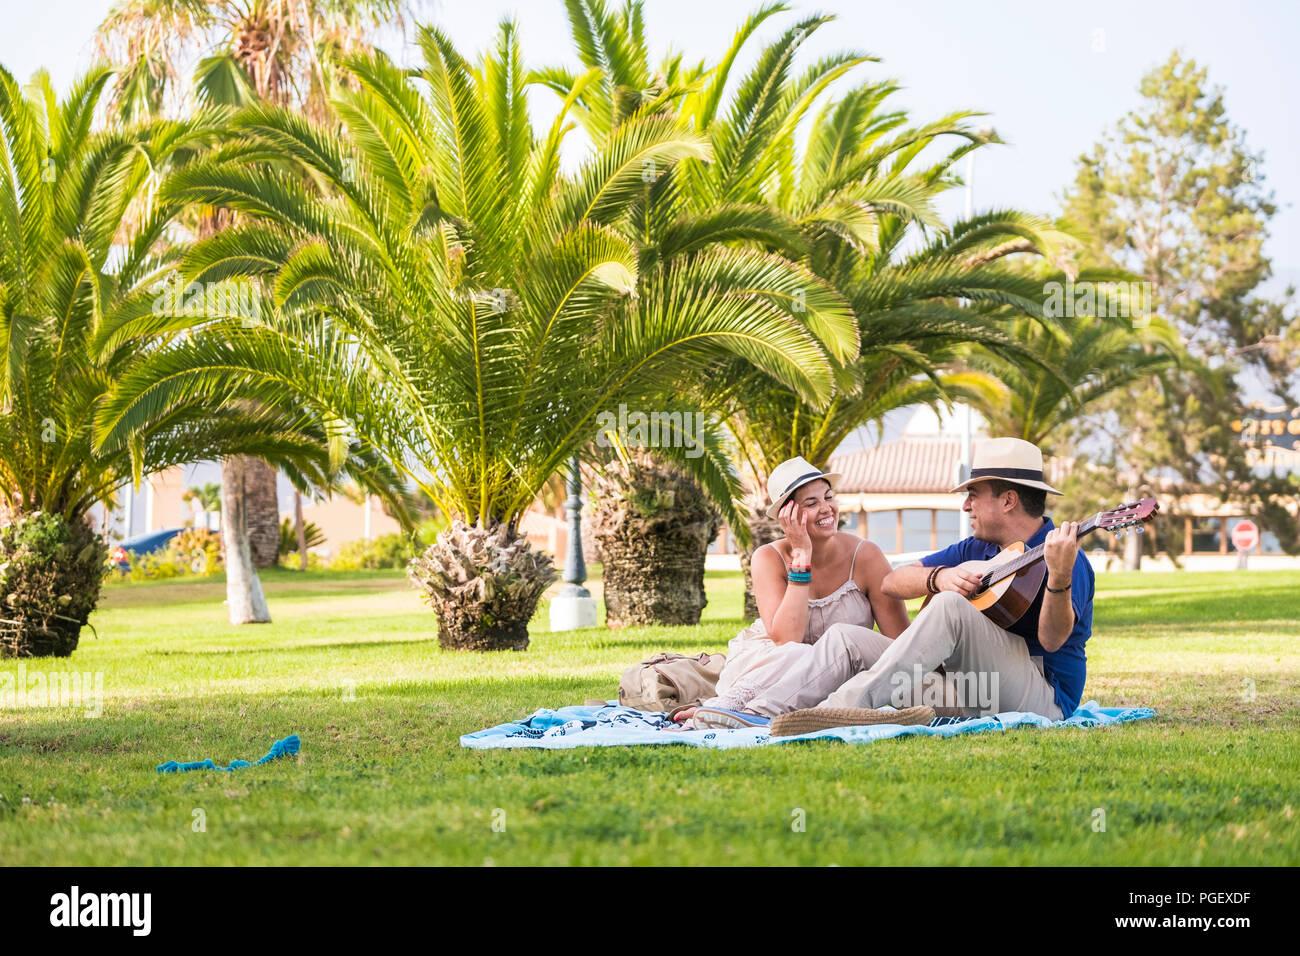 Portrait des gens assis sur l'herbe profitant du week-end ou l'activité de loisirs ensemble. tha man jouer une guitare acoustique et la jeune fille le regarder wit Photo Stock